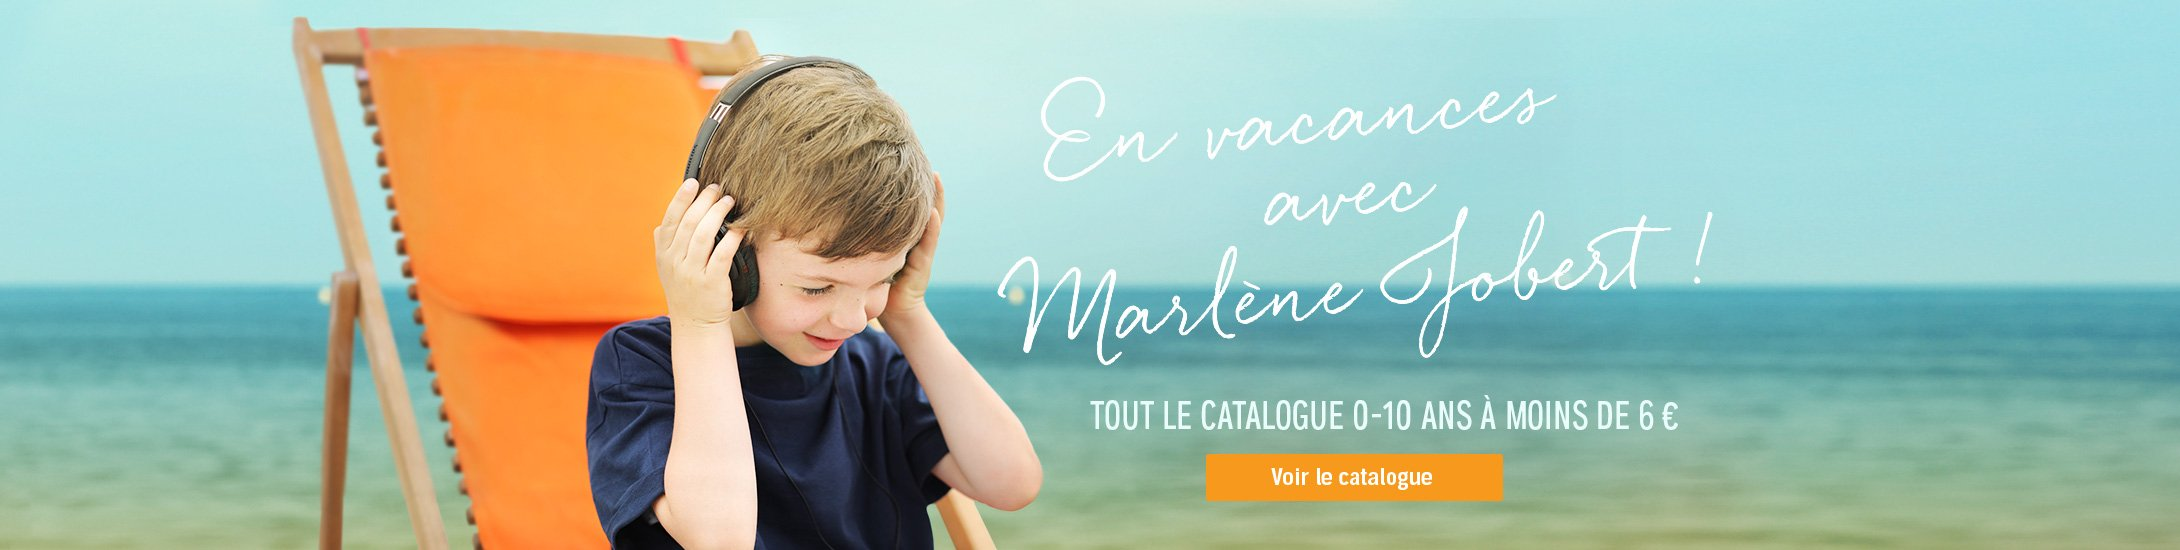 En vacances avec Marlène Jobert ! Tout le catalogue 0-10 ans à moins de 6 €.